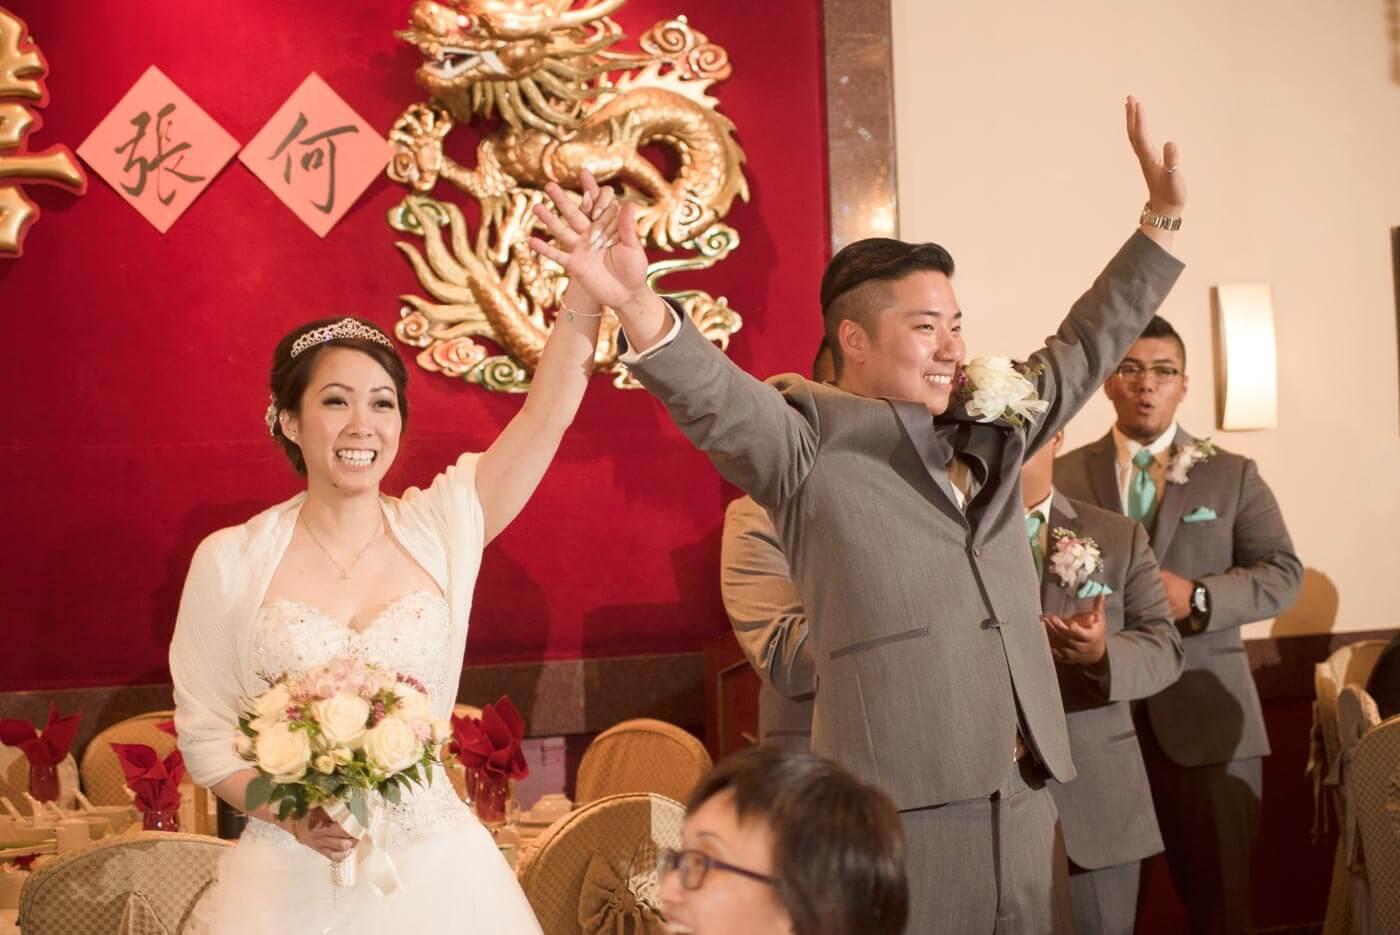 Chinesische Hochzeit | Hochzeitsbräuche, Inspirationen & Fotos